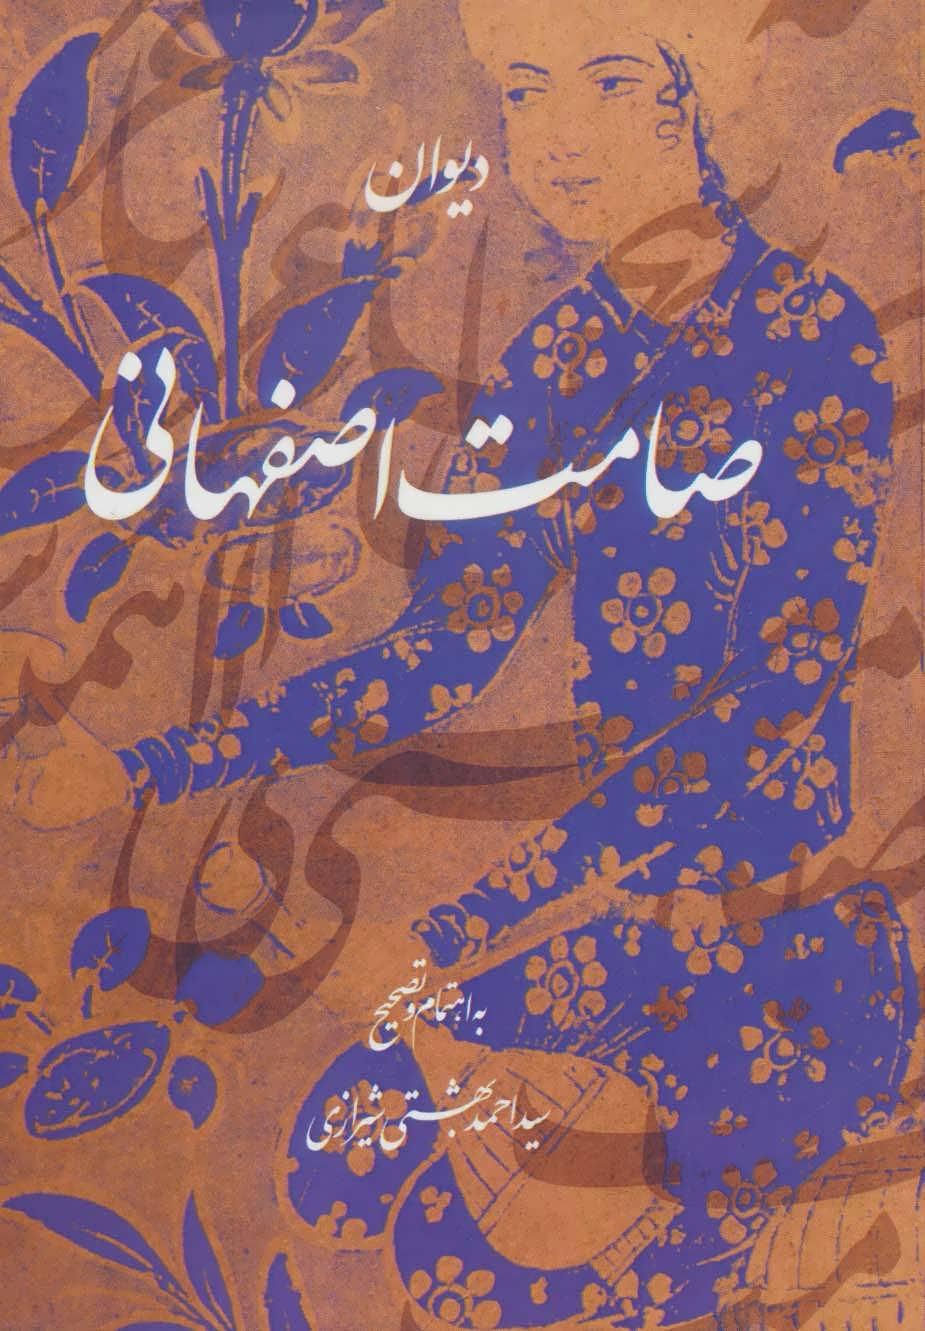 کتاب دیوان صامتاصفهانی در گذشته ۱۱۰۰ (بر اساس سه نسخه خطی)